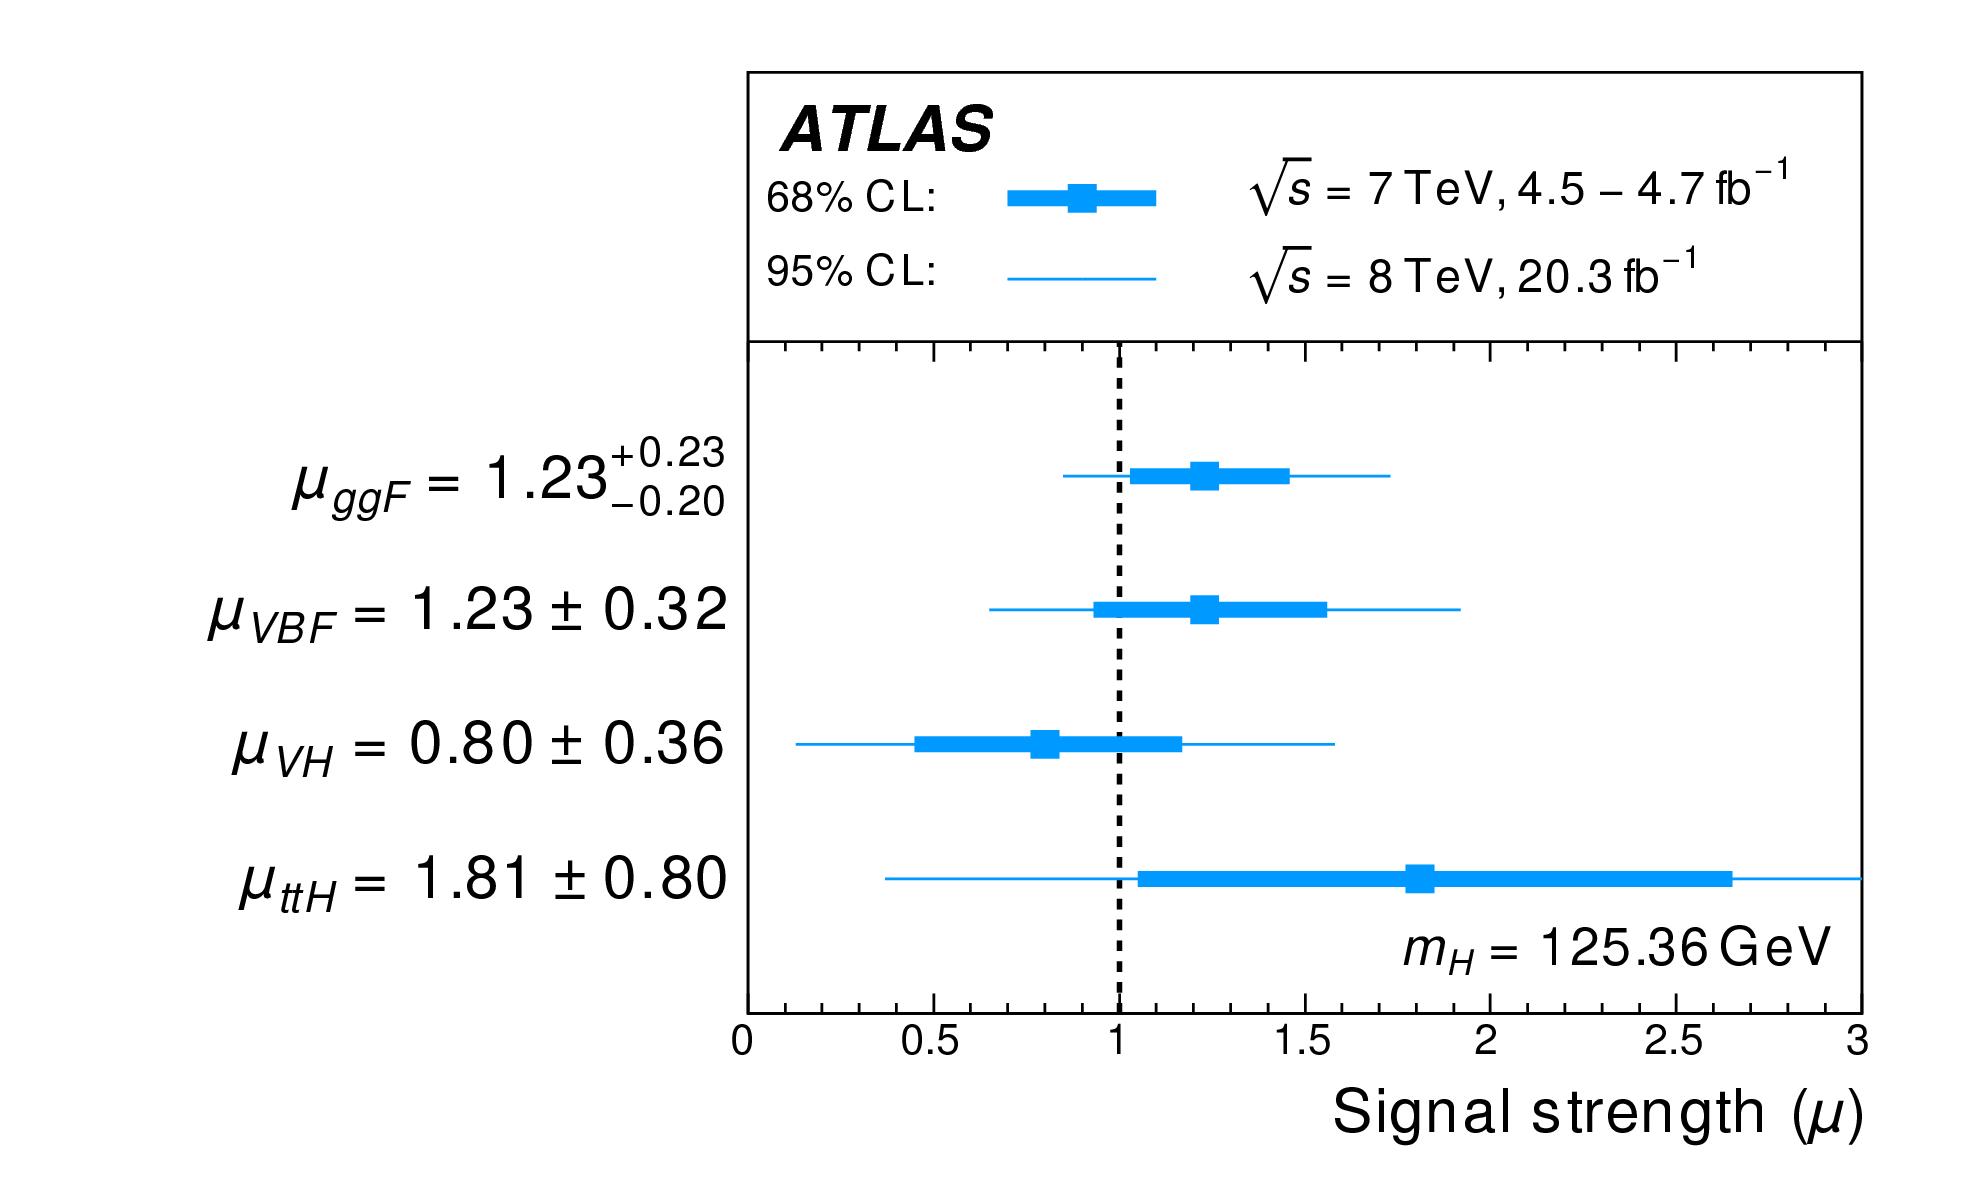 https://atlas.web.cern.ch/Atlas/GROUPS/PHYSICS/CombinedSummaryPlots/HIGGS/ATLAS_HIGGS3910_muprod_Summary/ATLAS_HIGGS3910_muprod_Summary.png